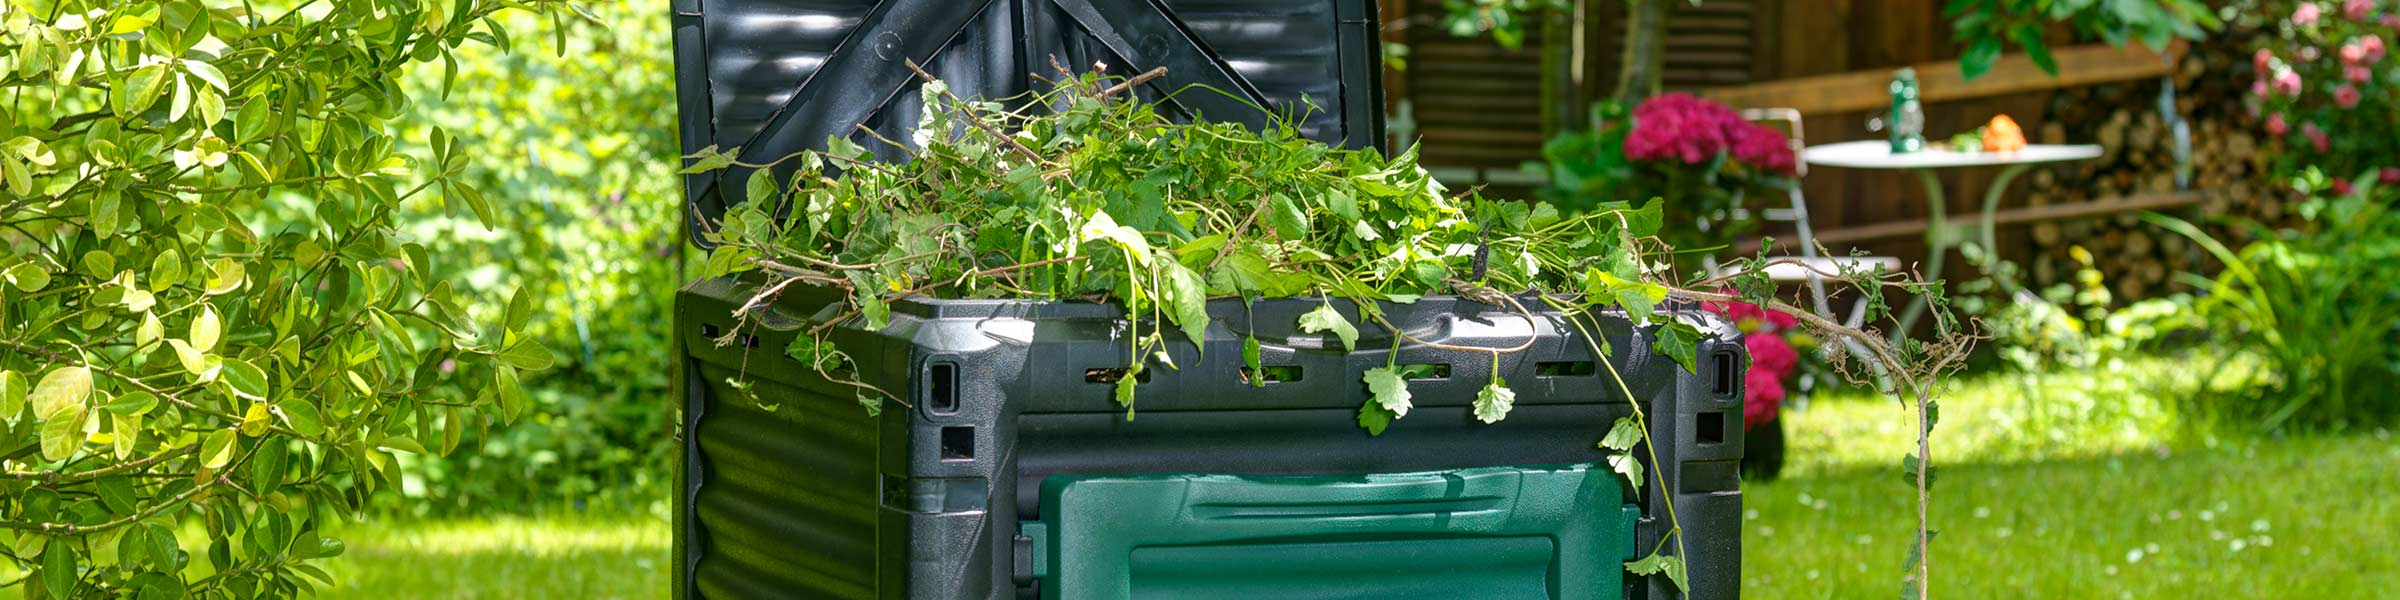 komposter online kaufen | dehner